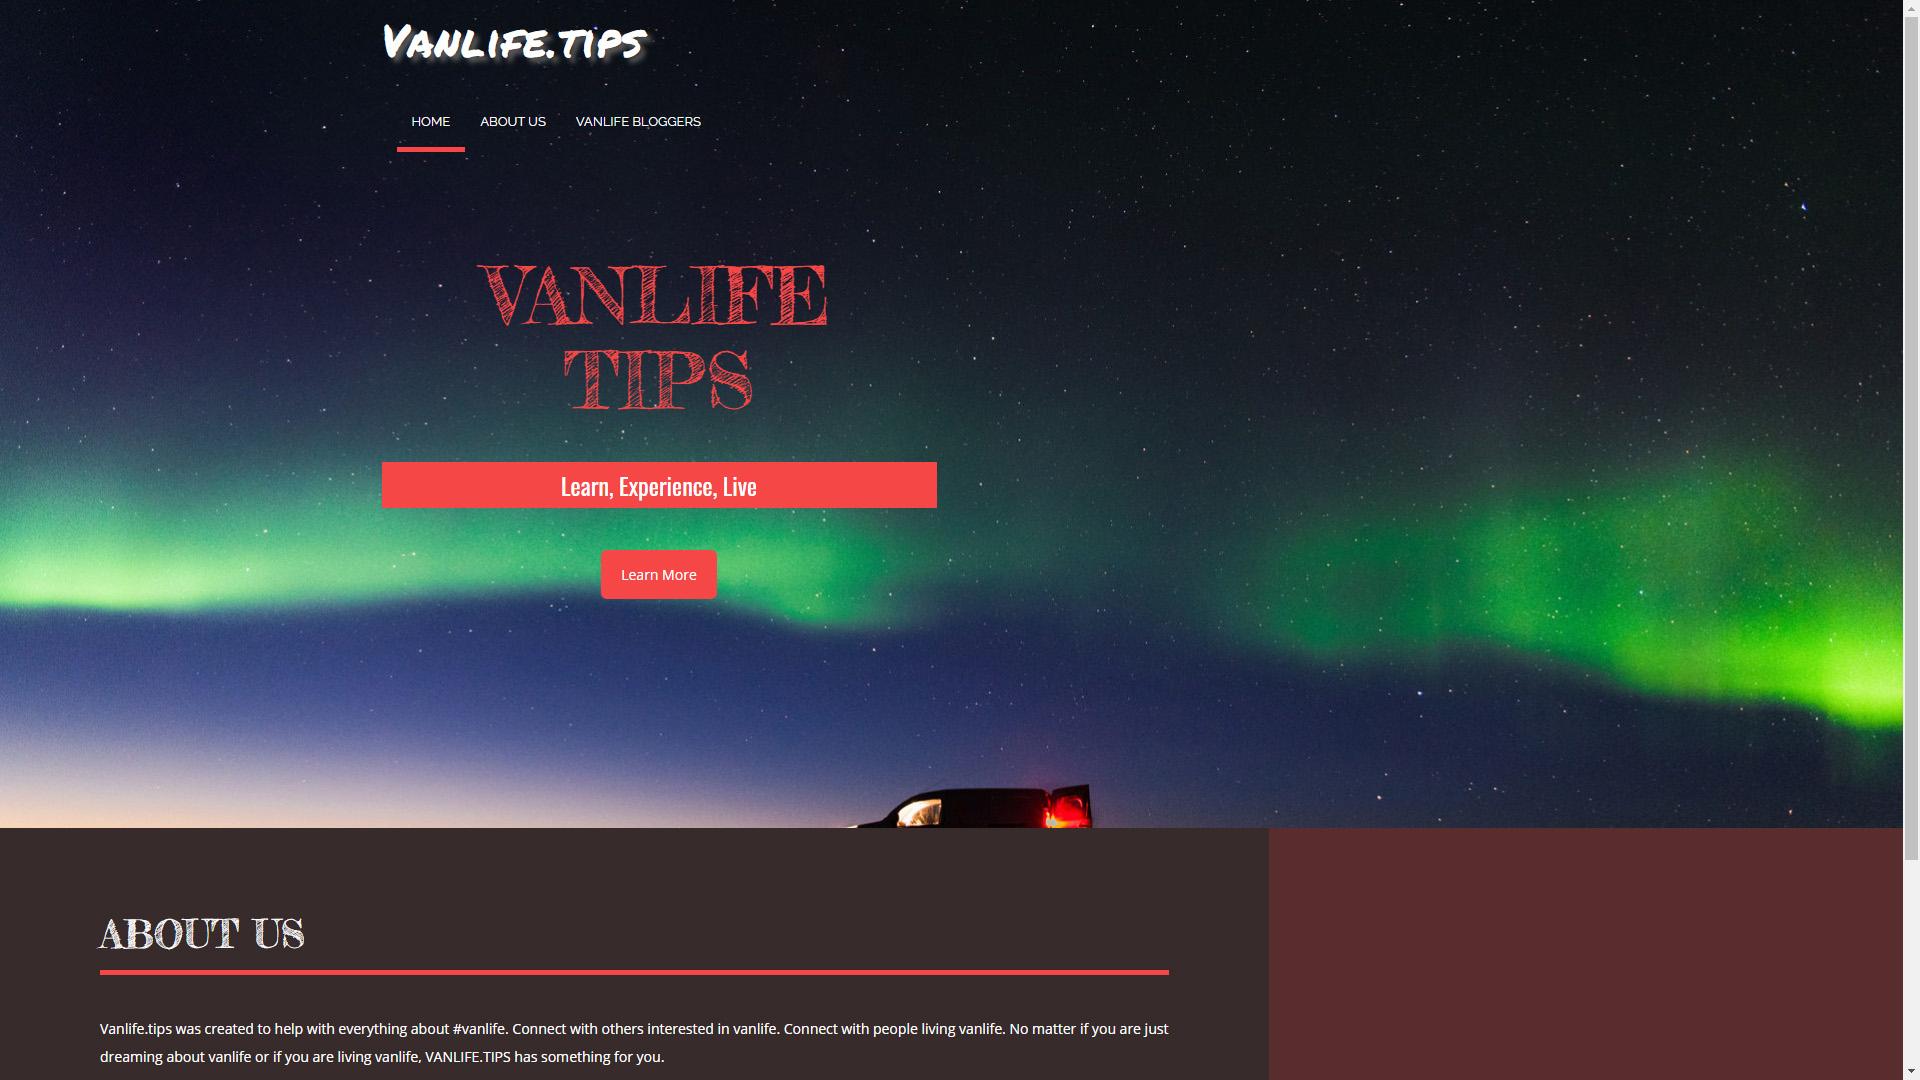 Vanlife.tips